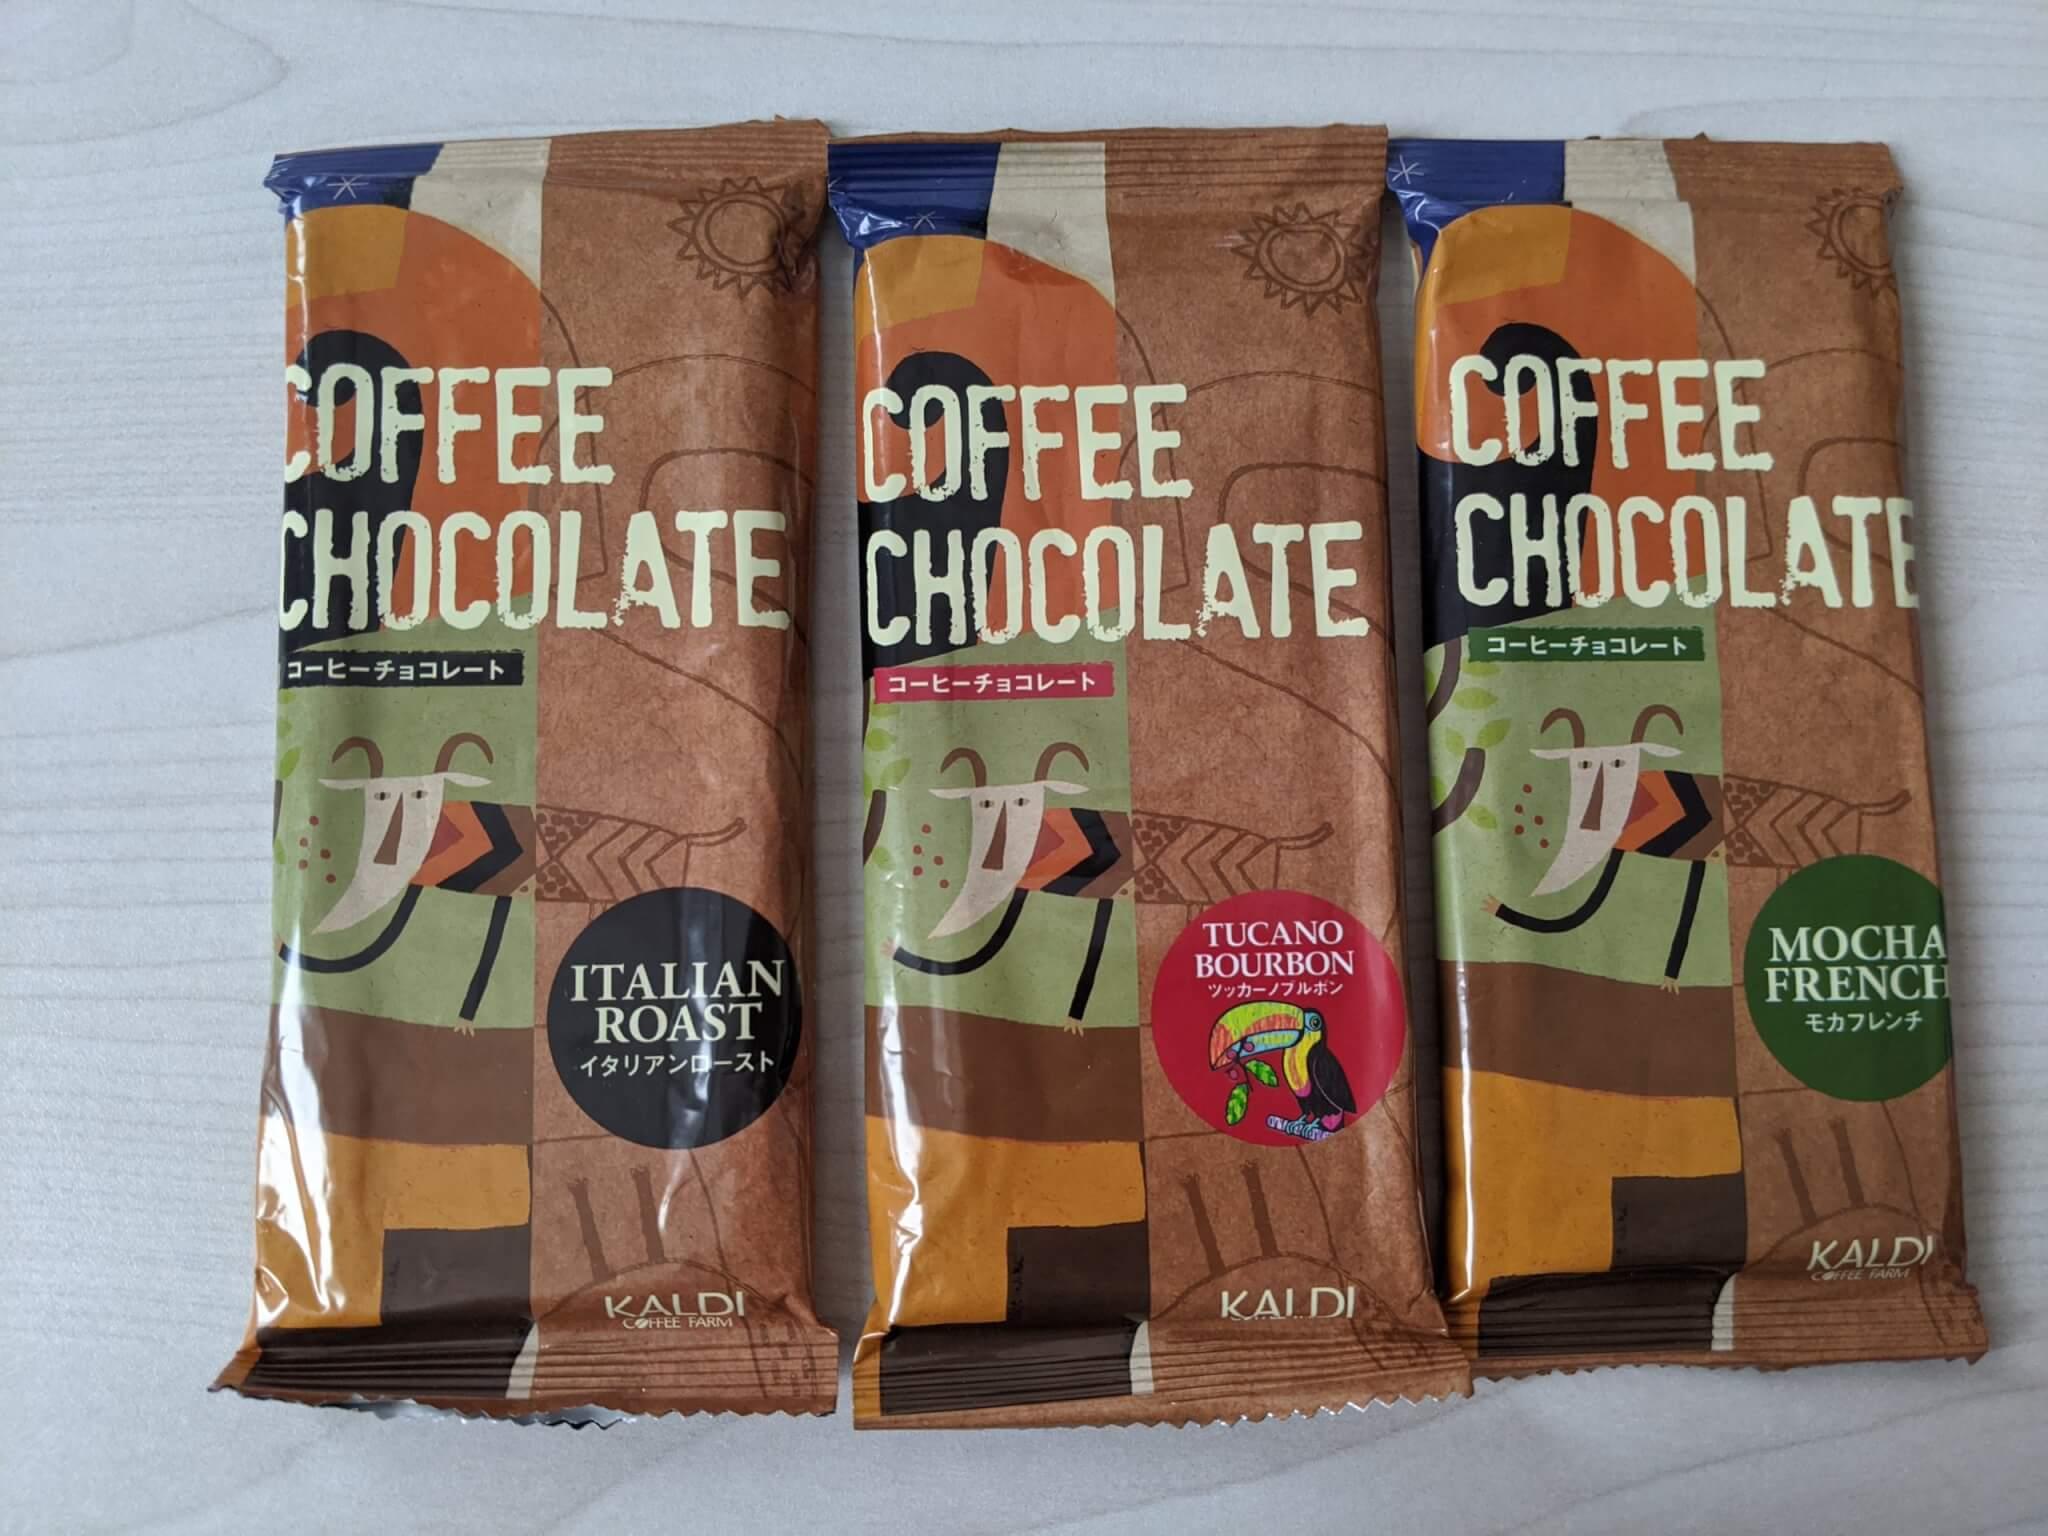 カルディ コーヒーチョコレート